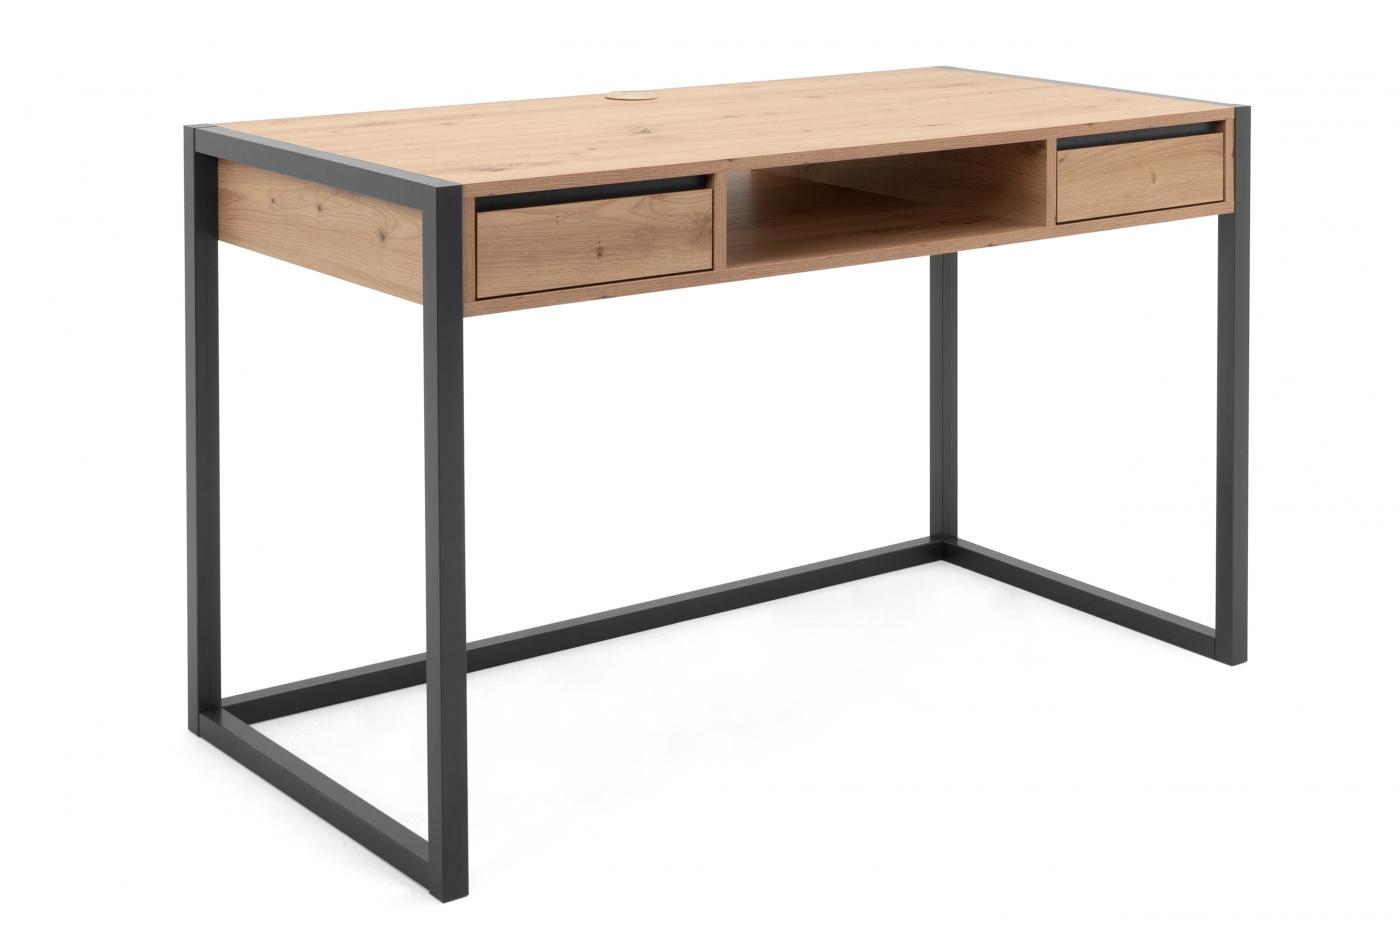 Pracovní stůl Aran, 120 cm, dub